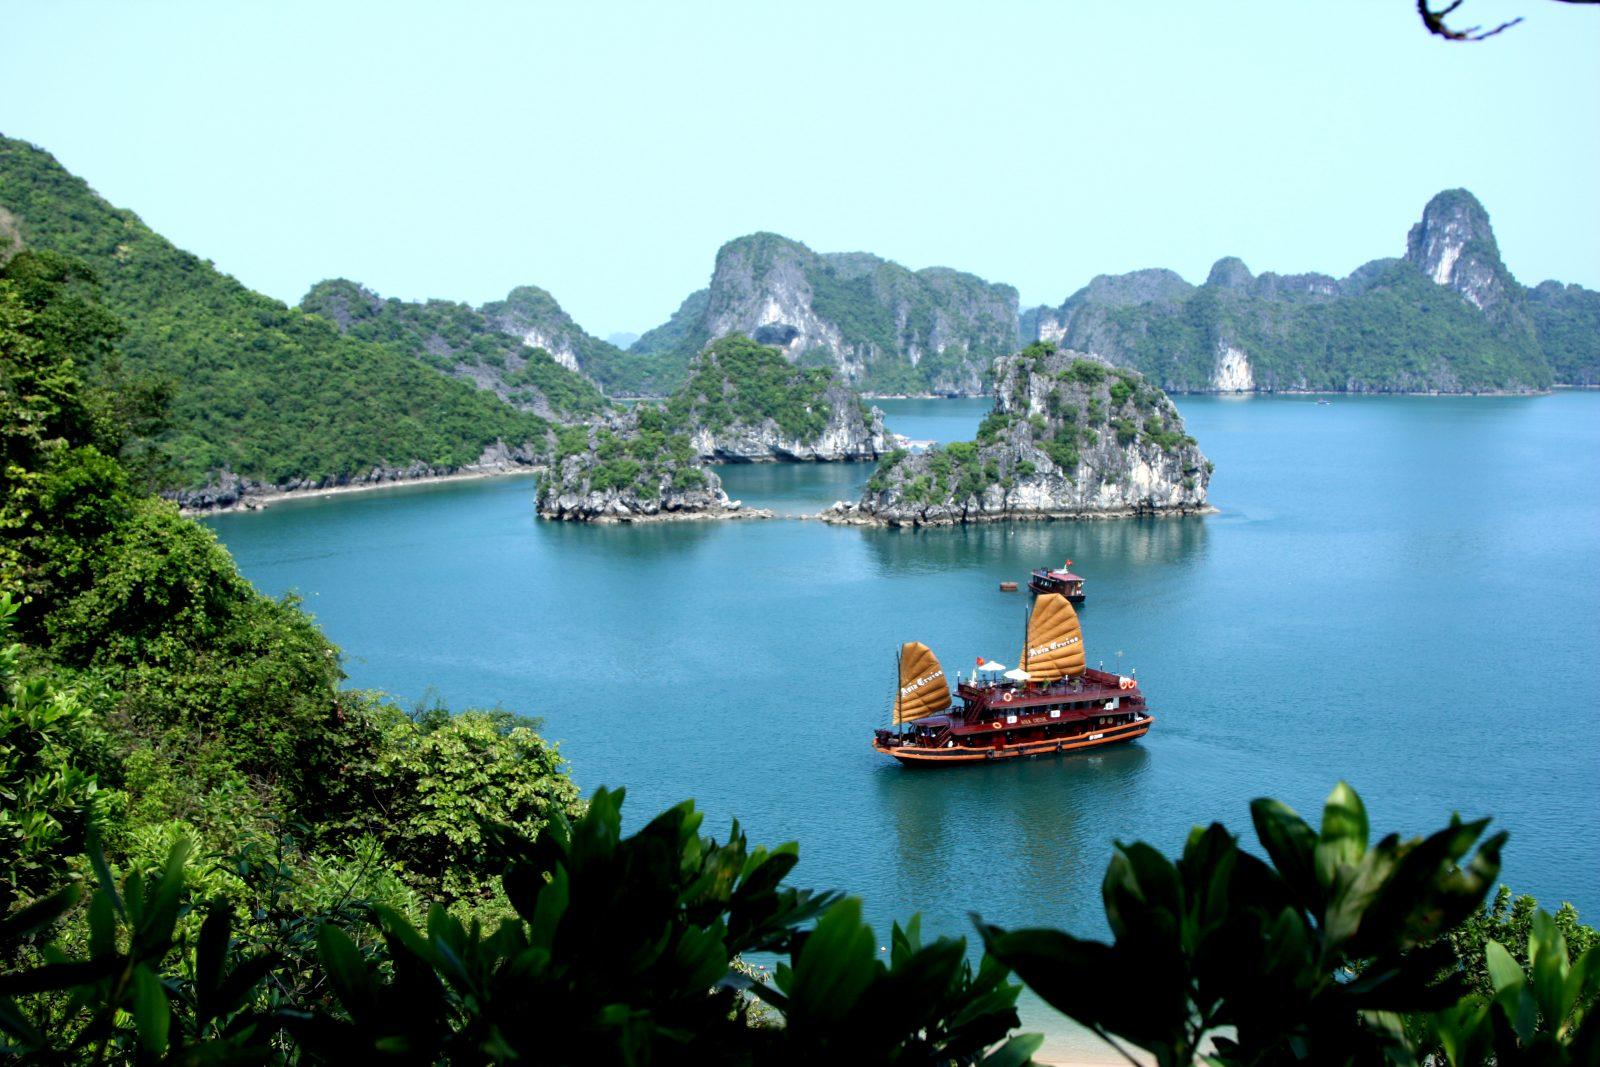 край, Оловяннинский вьетнам южный тур из владивостока купить цена прекрасно работает